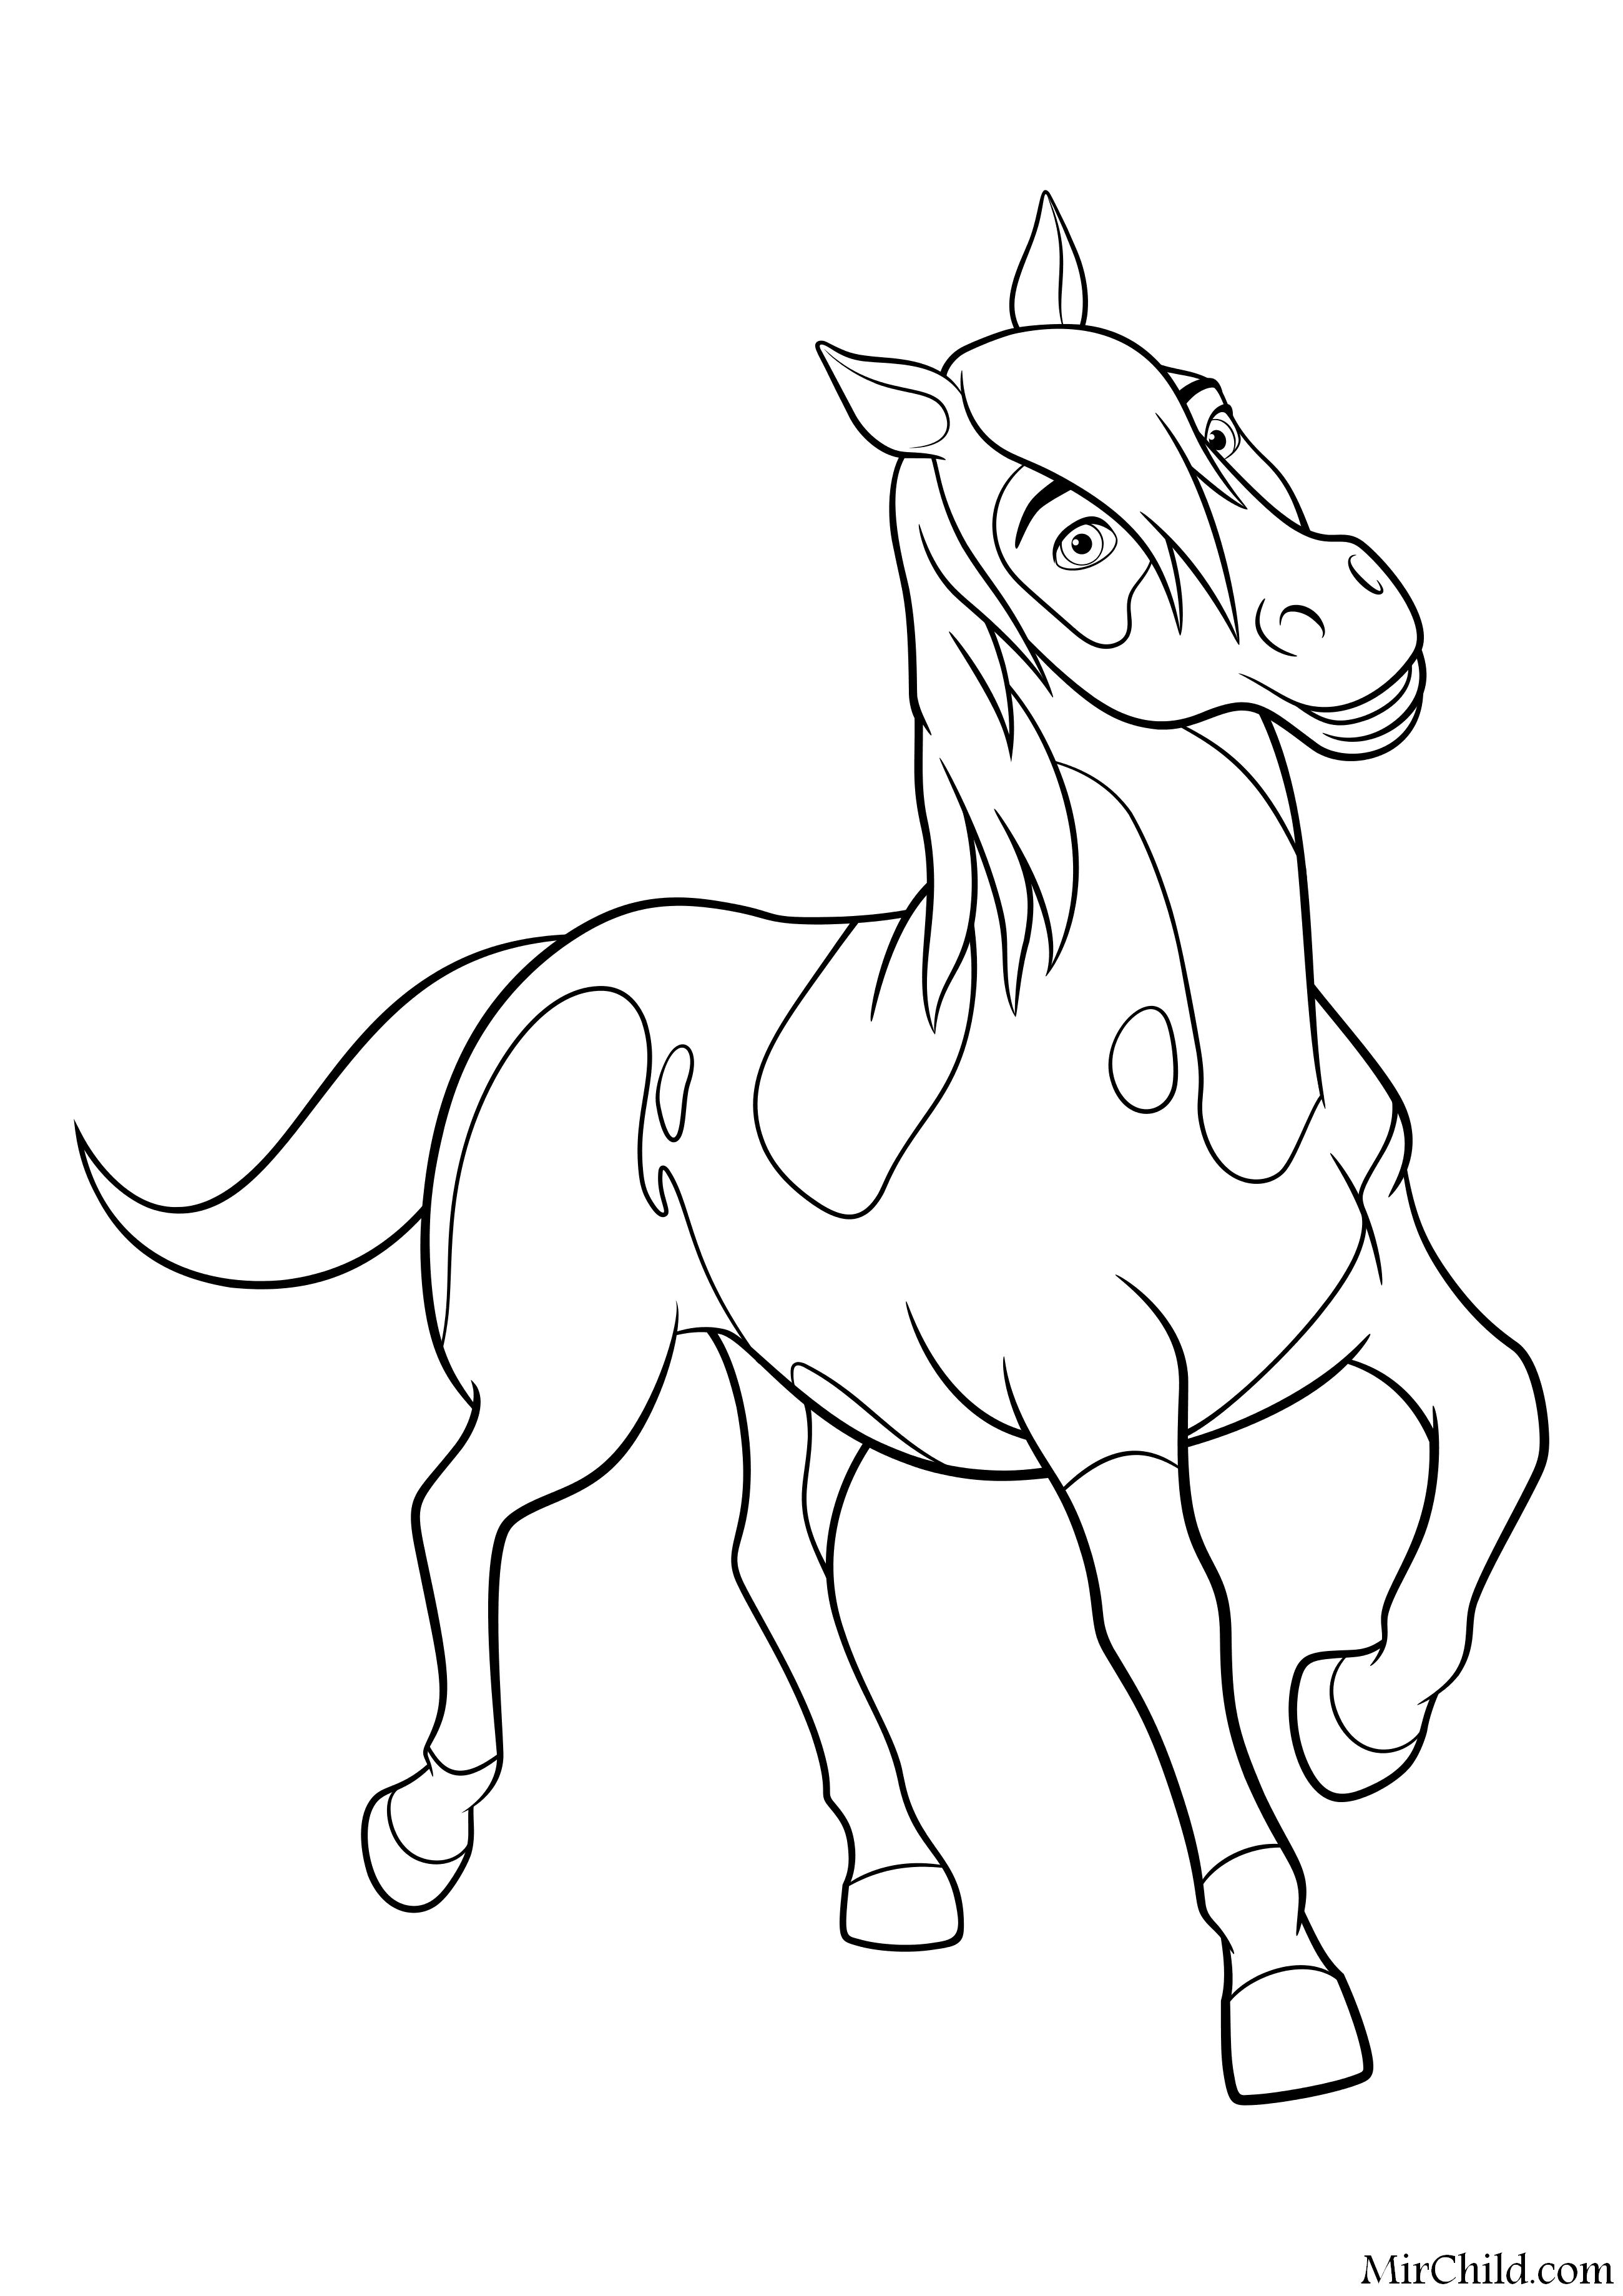 раскраска спирит скачки на свободе лошадь пейнтхорс